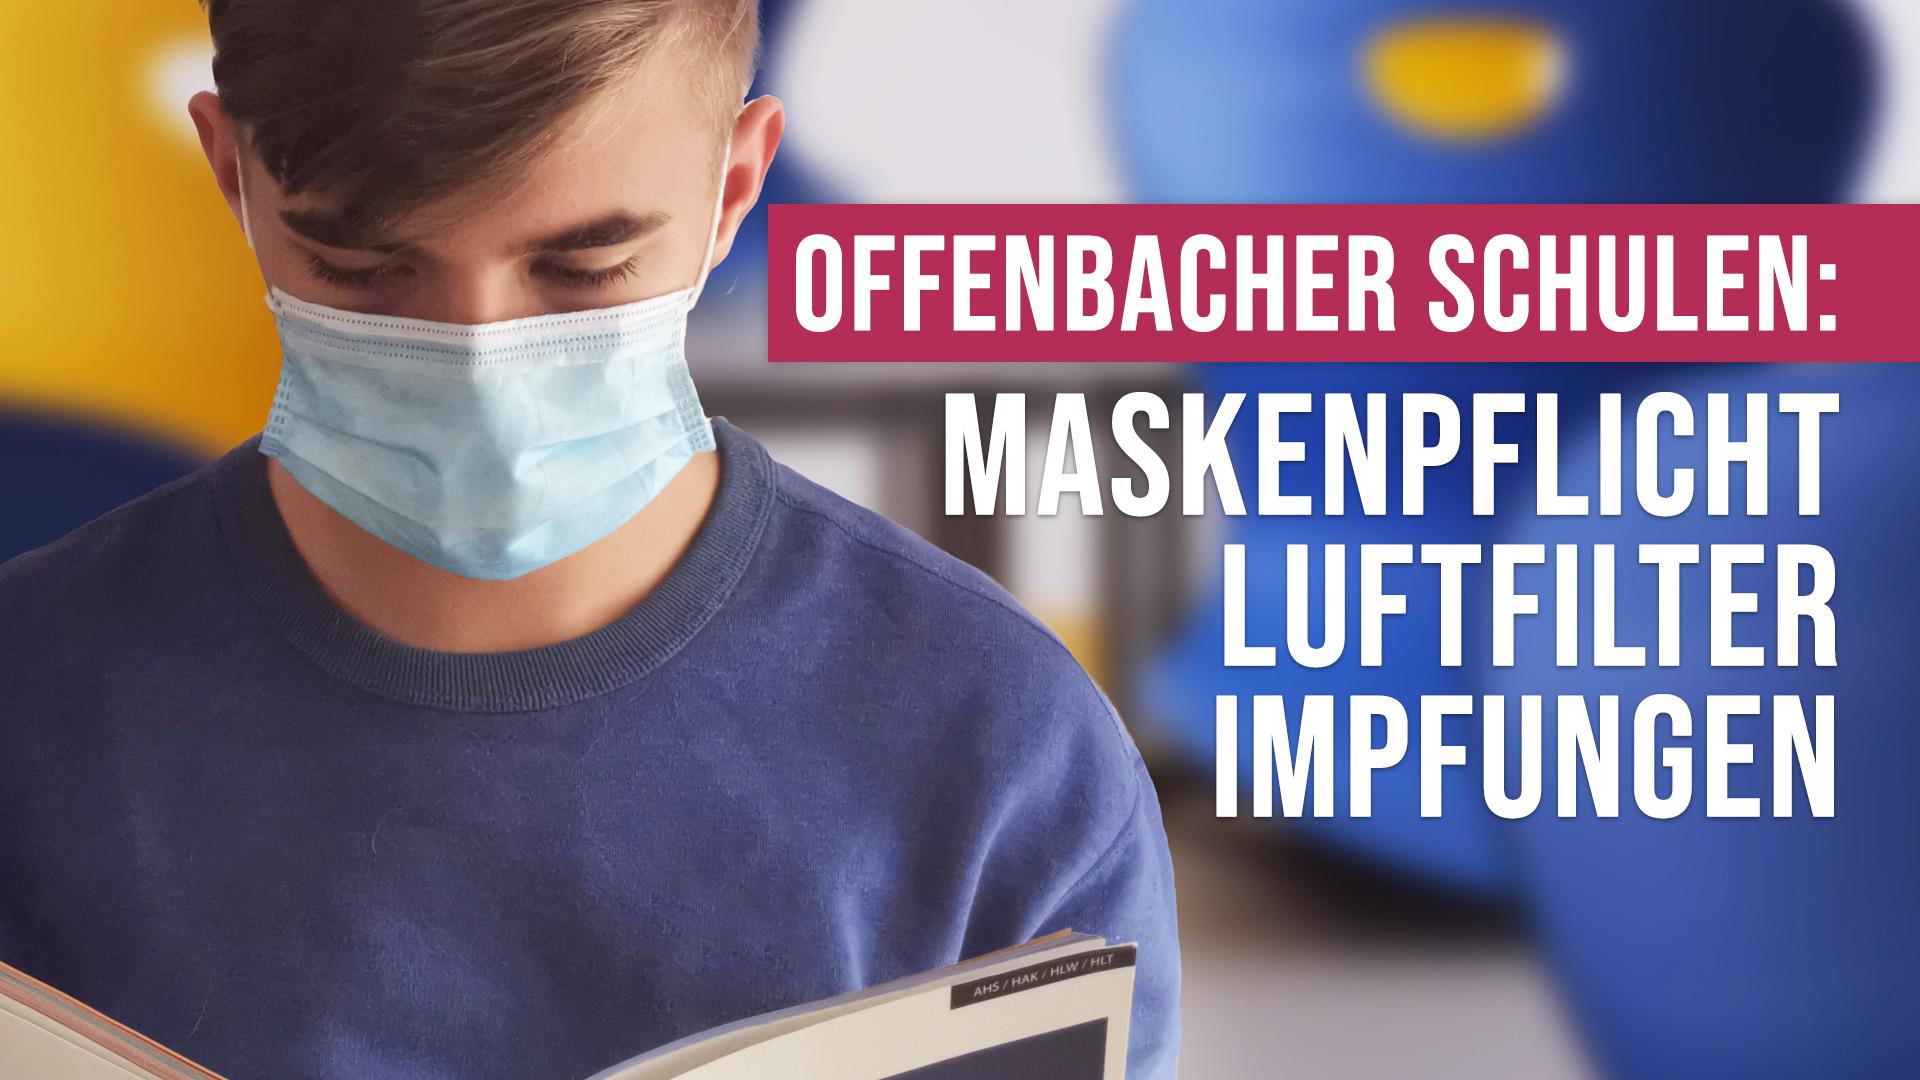 Offenbach Schule Maskenpflicht Luftfilter Impfungen